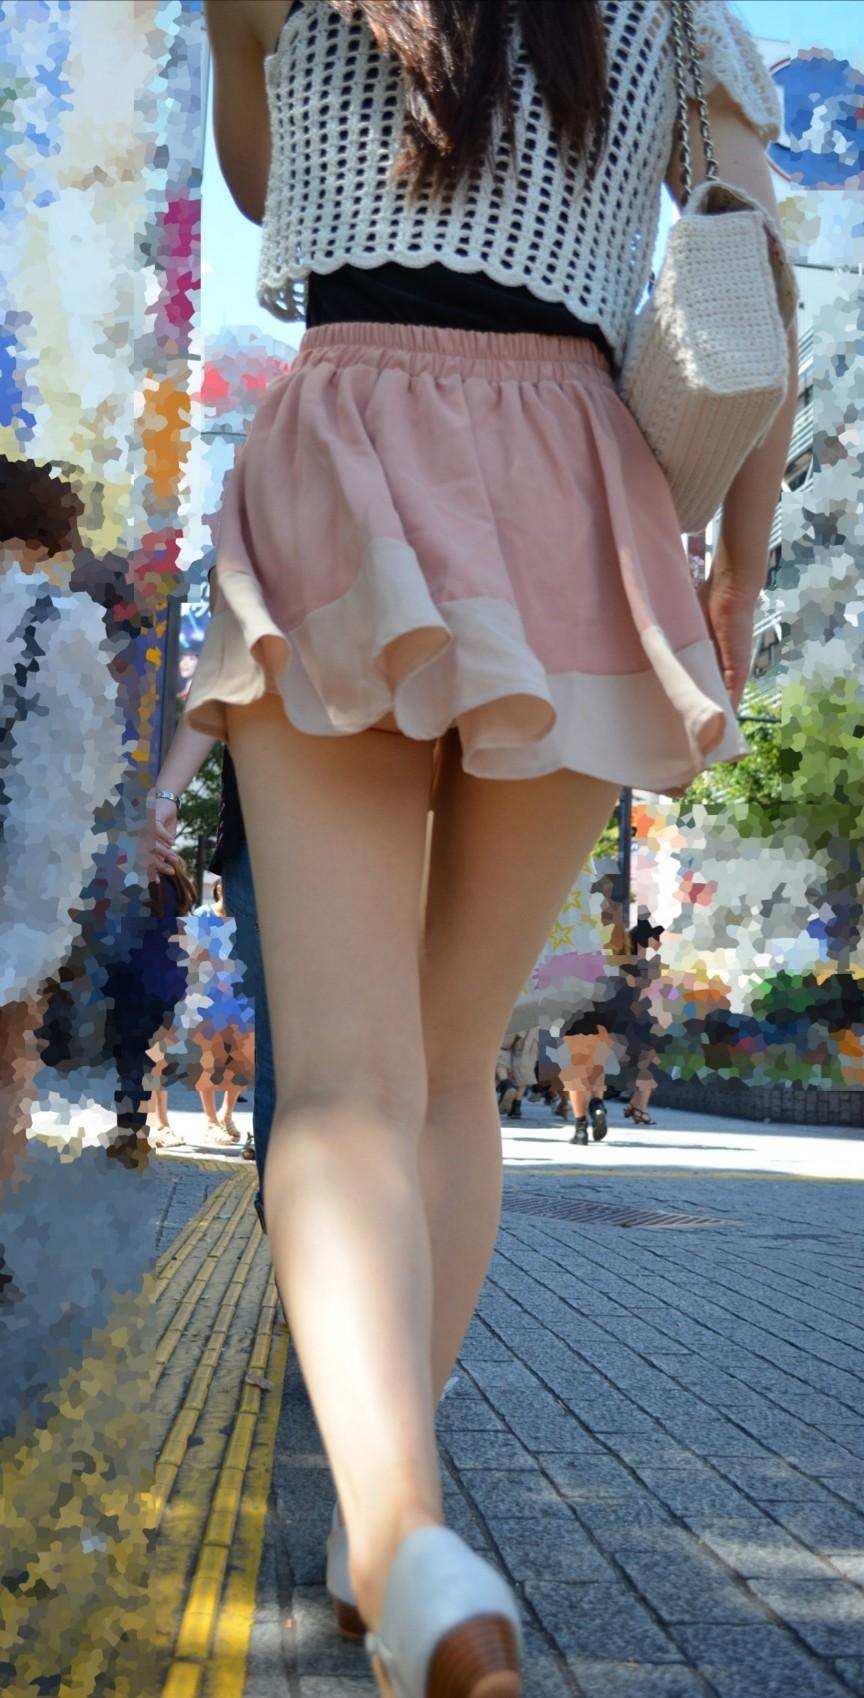 【美脚エロ画像】肌寒かったら撫でてあげたいw街でよく見る魅惑的な太ももwww 10